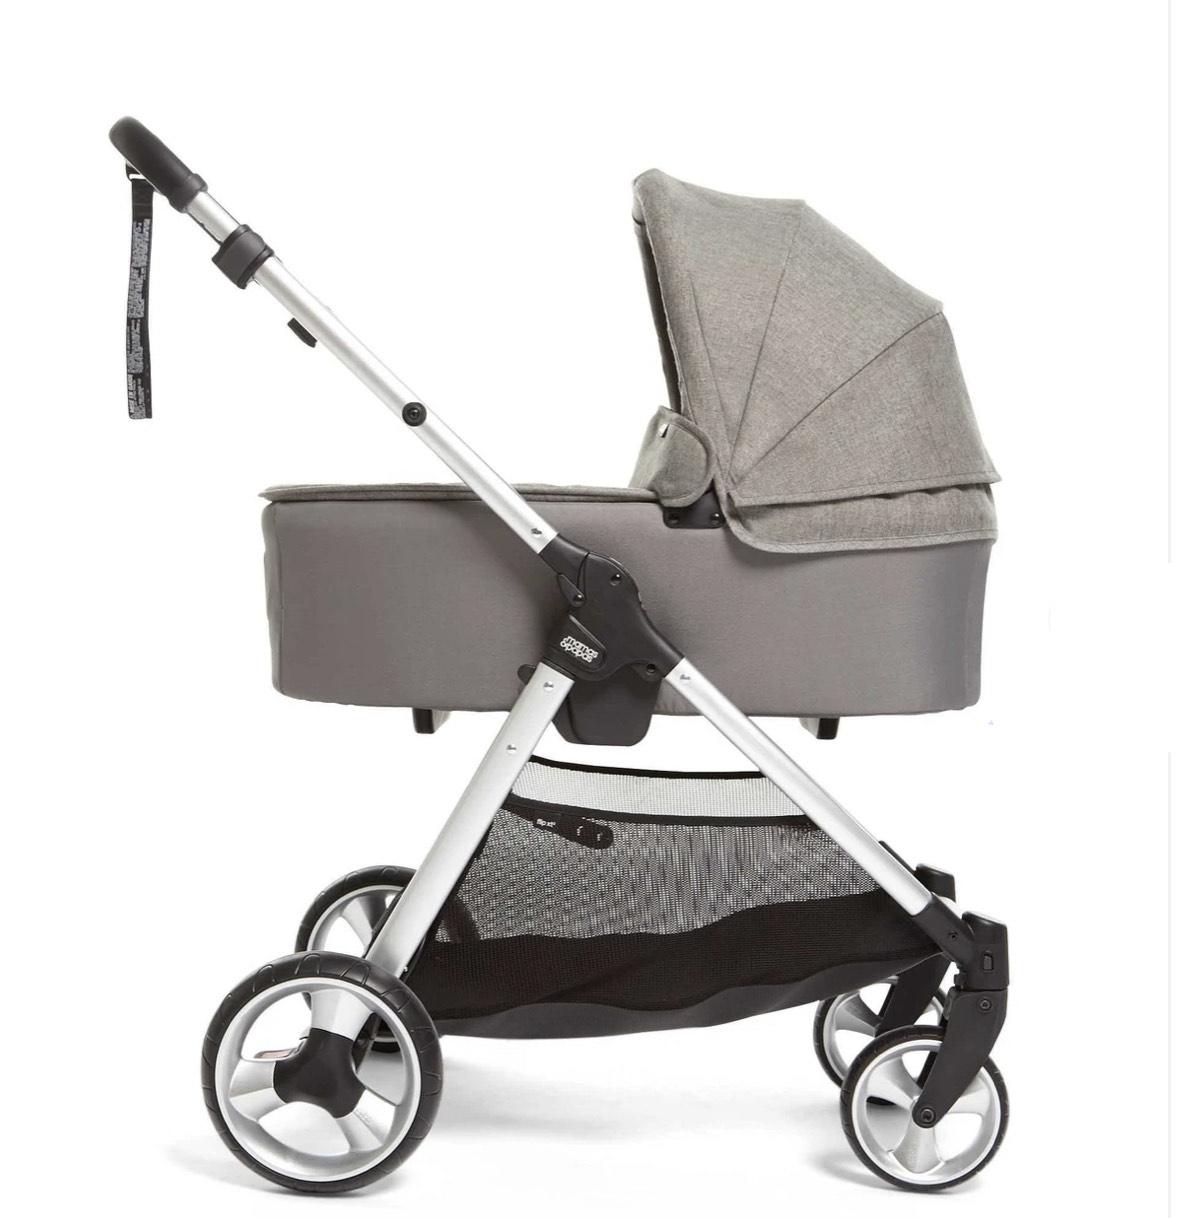 Mamas & Papas Flip XT2 Pushchair - Grey Melanage £389.40 @ Mamas & Papas Shop